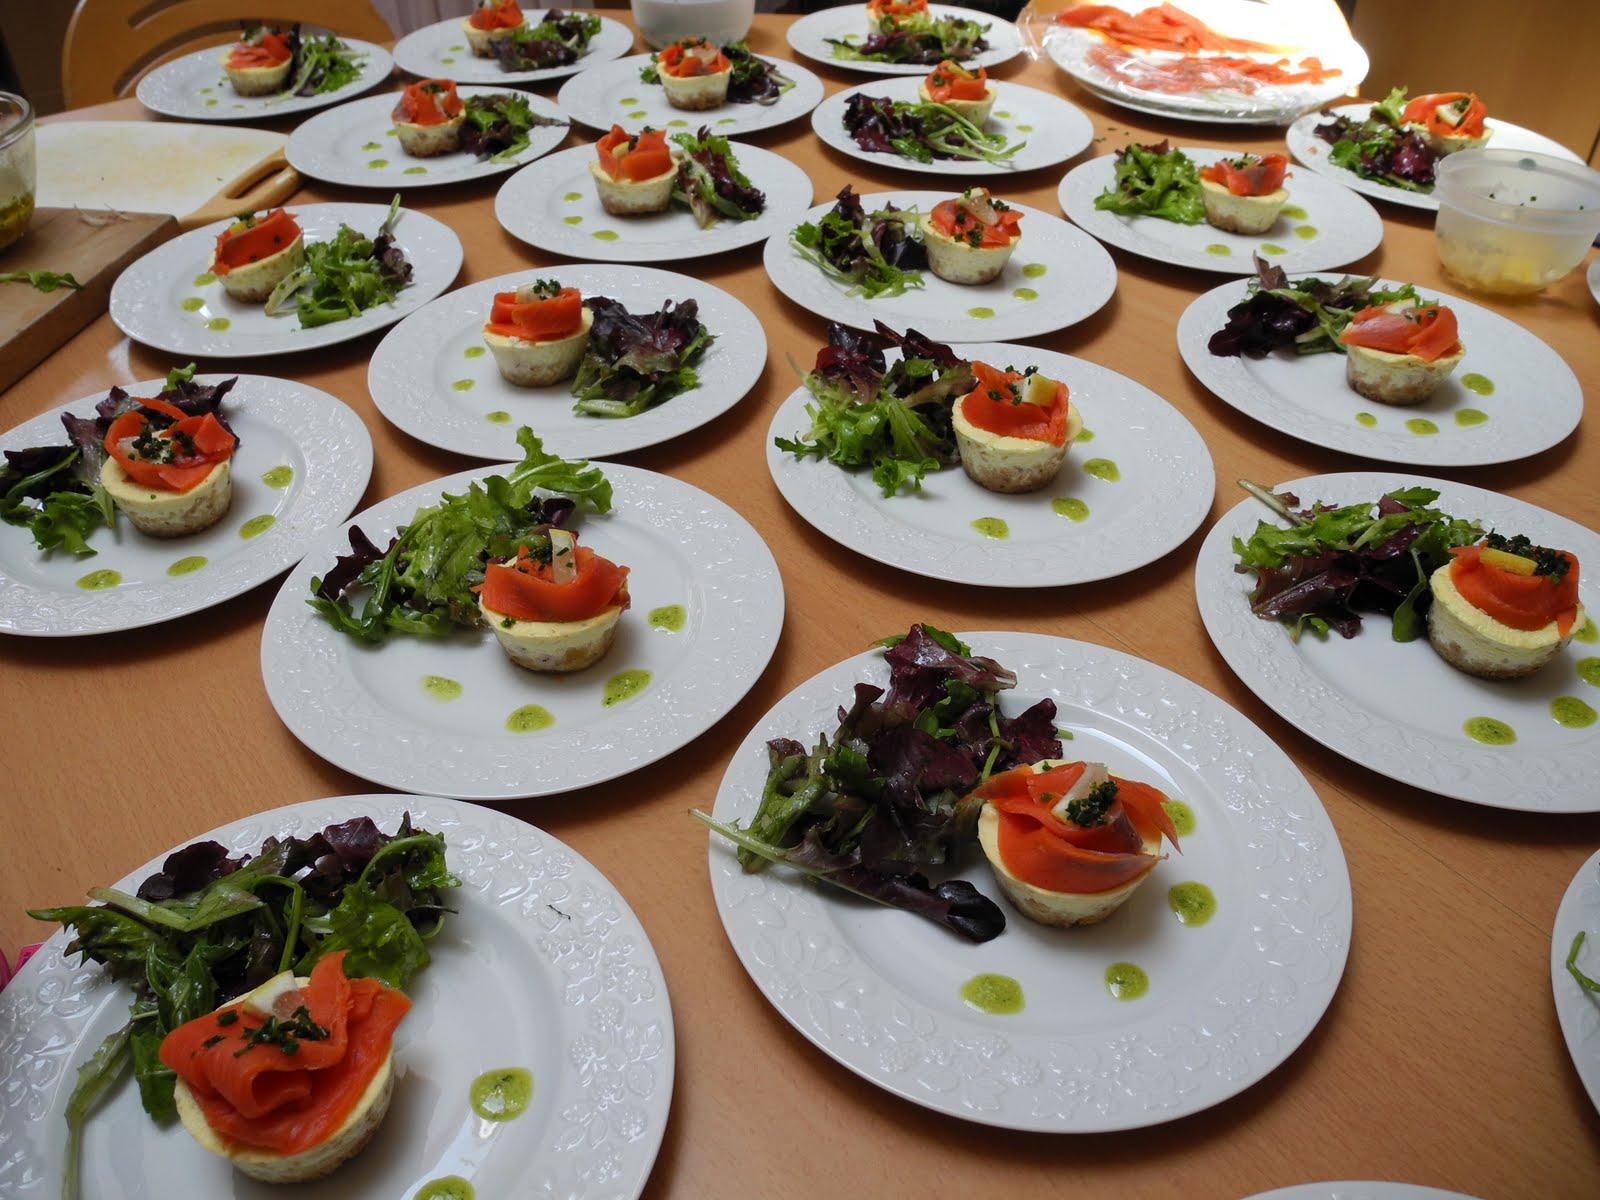 La quiche lorraine communion de robin 2 juin 2011 for Idee plat convivial pour 10 personnes